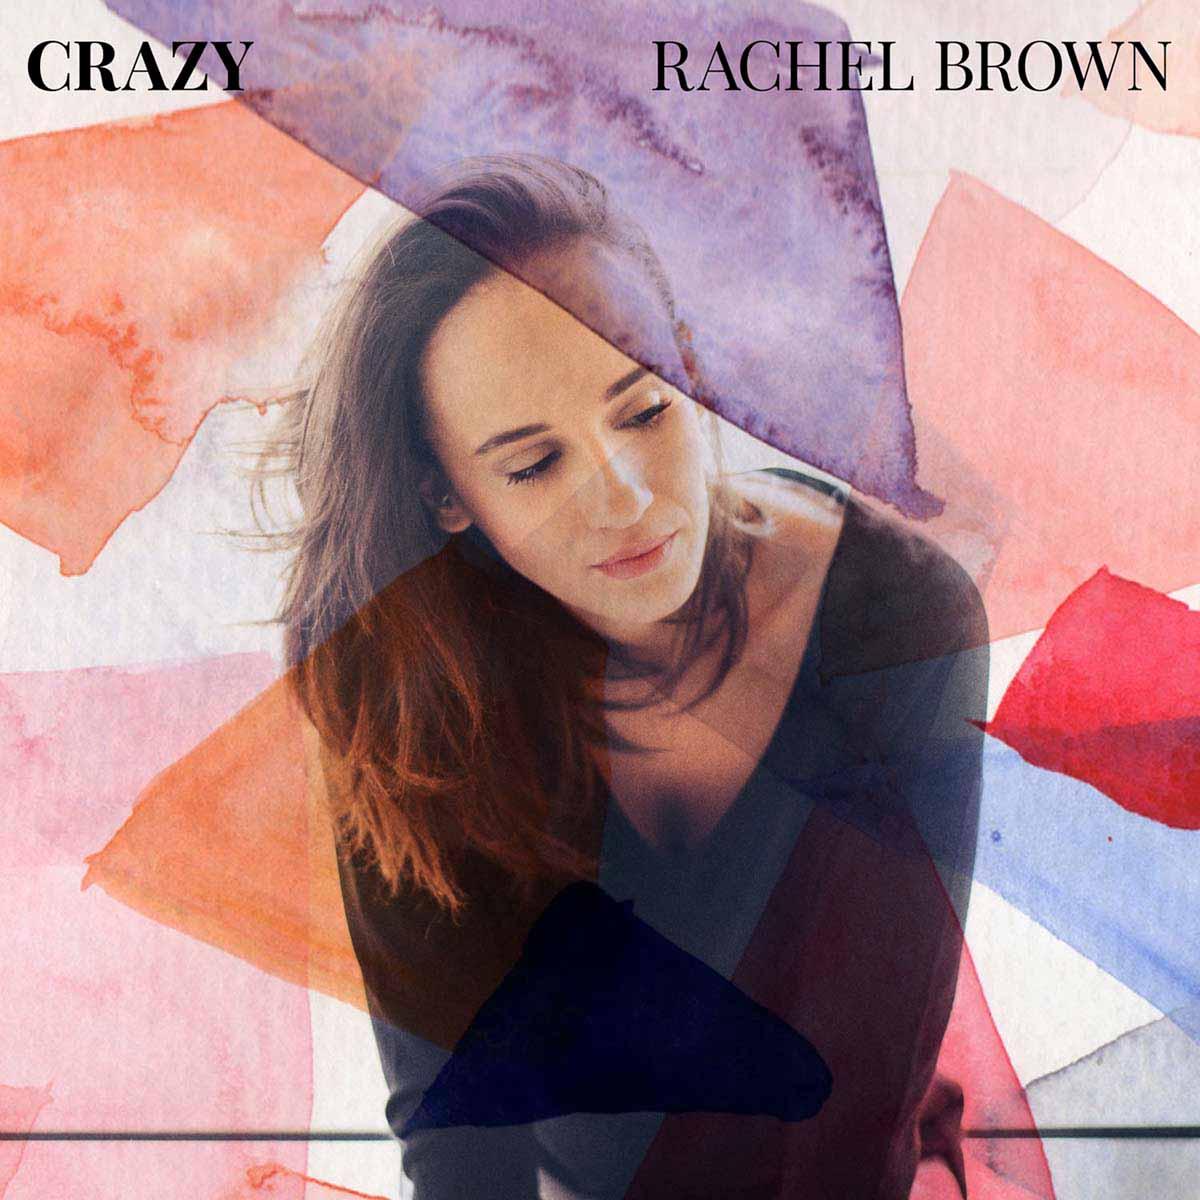 Crazy - Rachel Brown